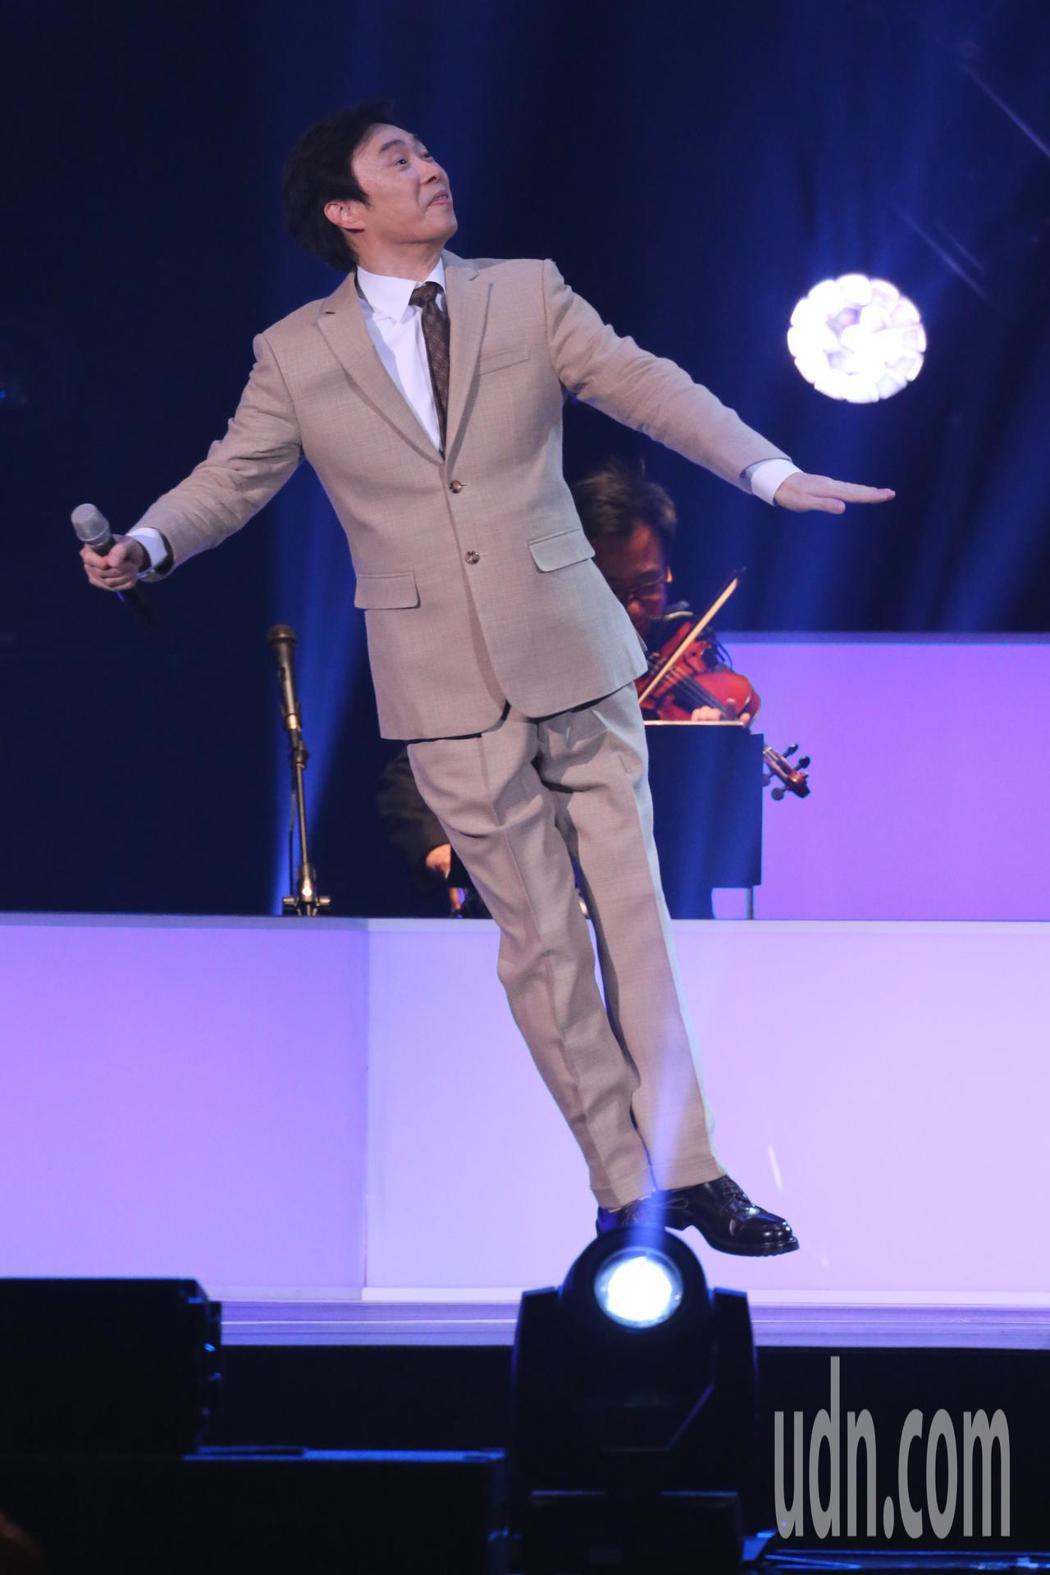 藝人費玉清晚間舉辦告別演唱會最終場,最後他以「南屏晚鐘」做結束,一邊唱一邊跳著舞...